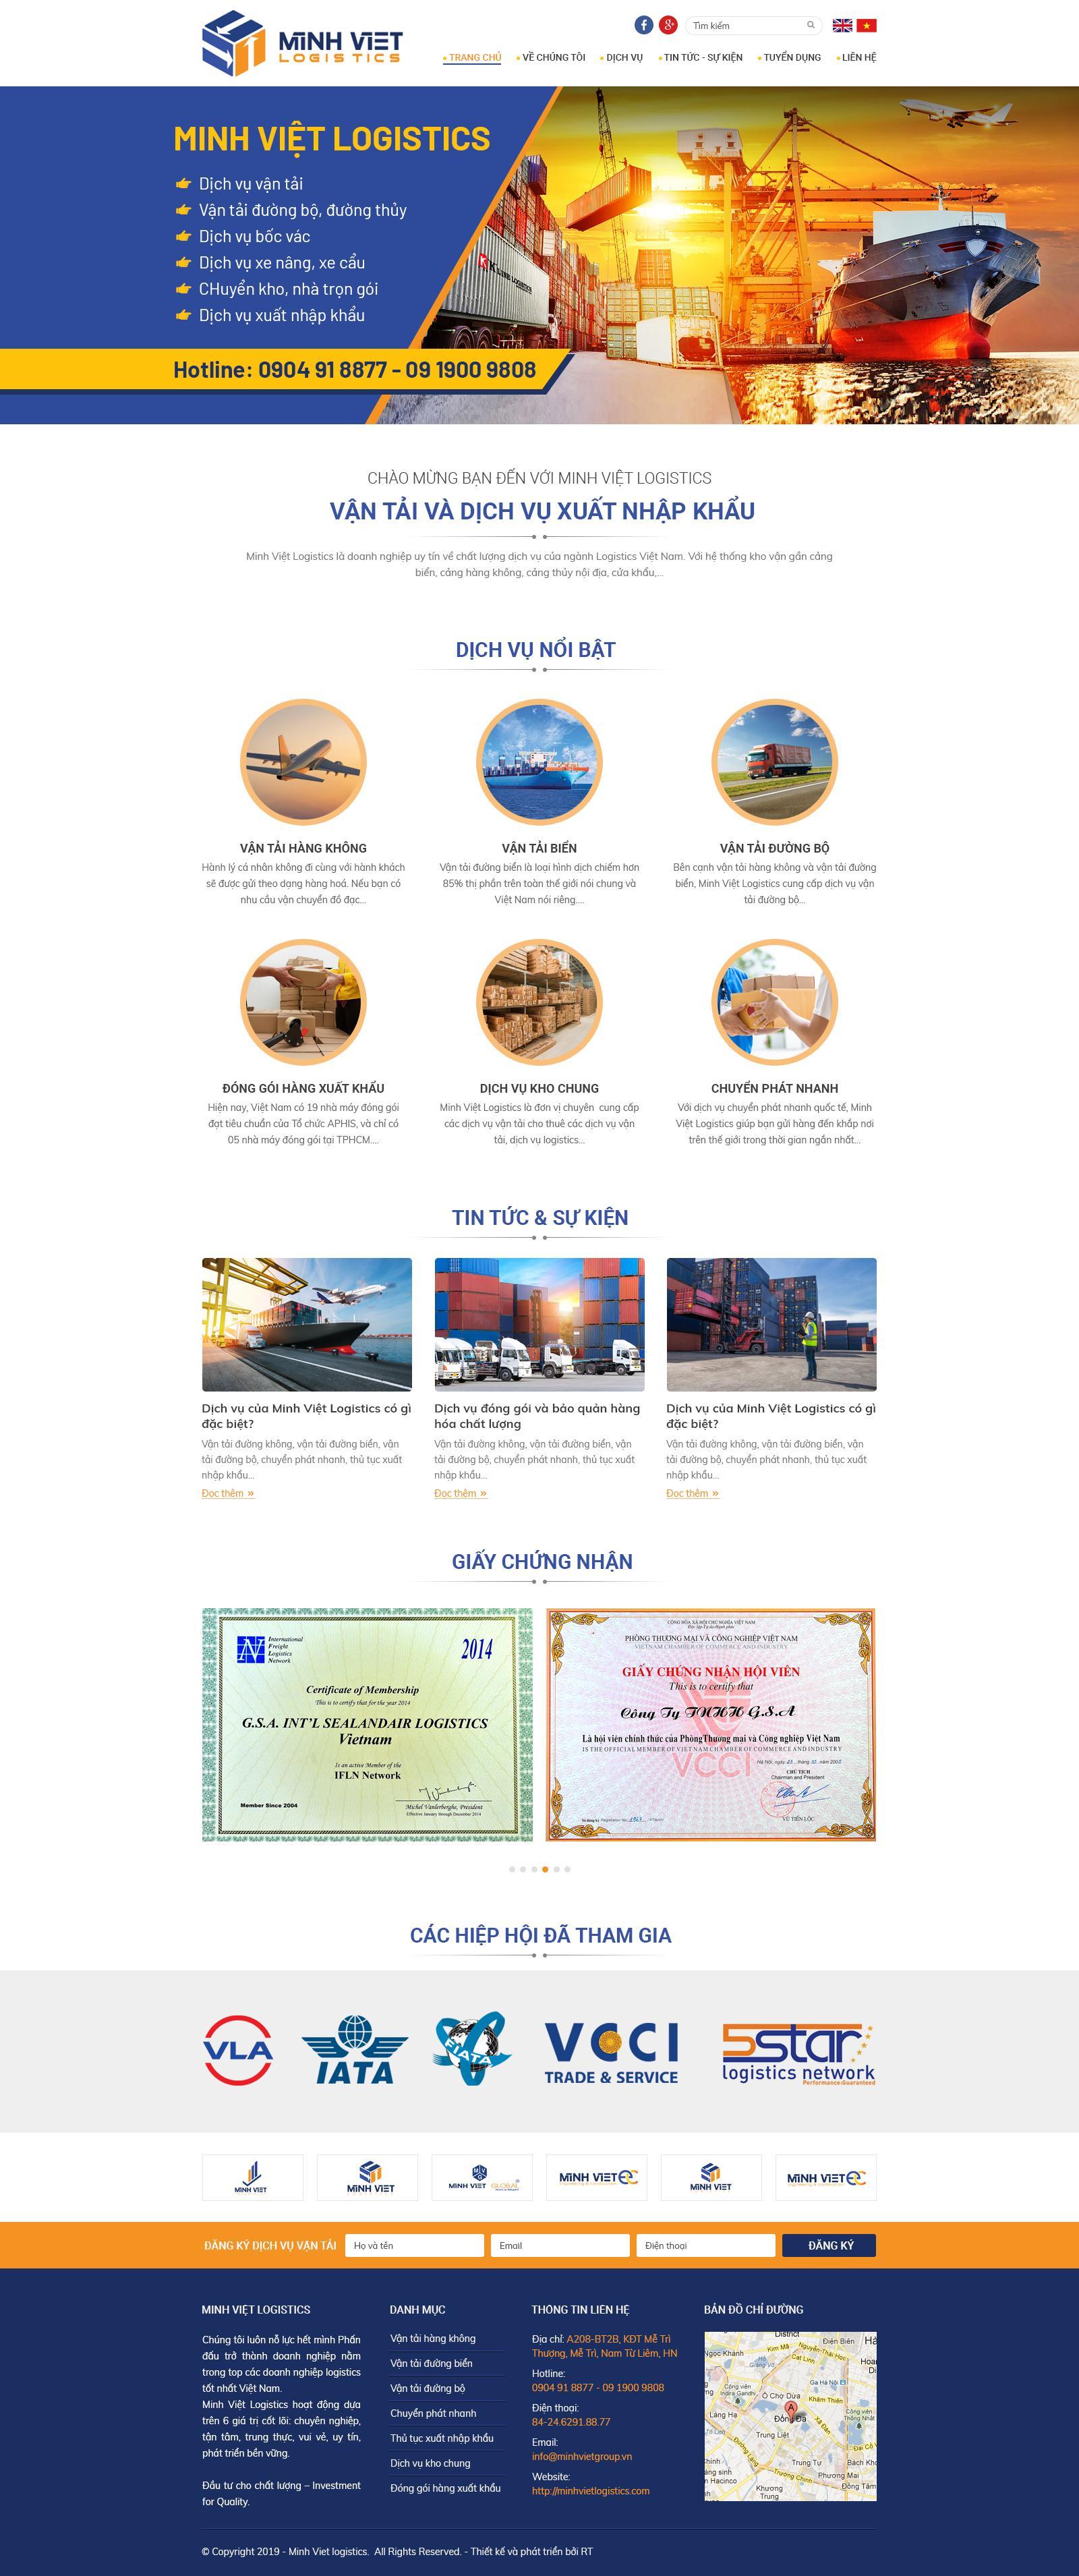 Web dịch vụ và tận tải Minh Việt